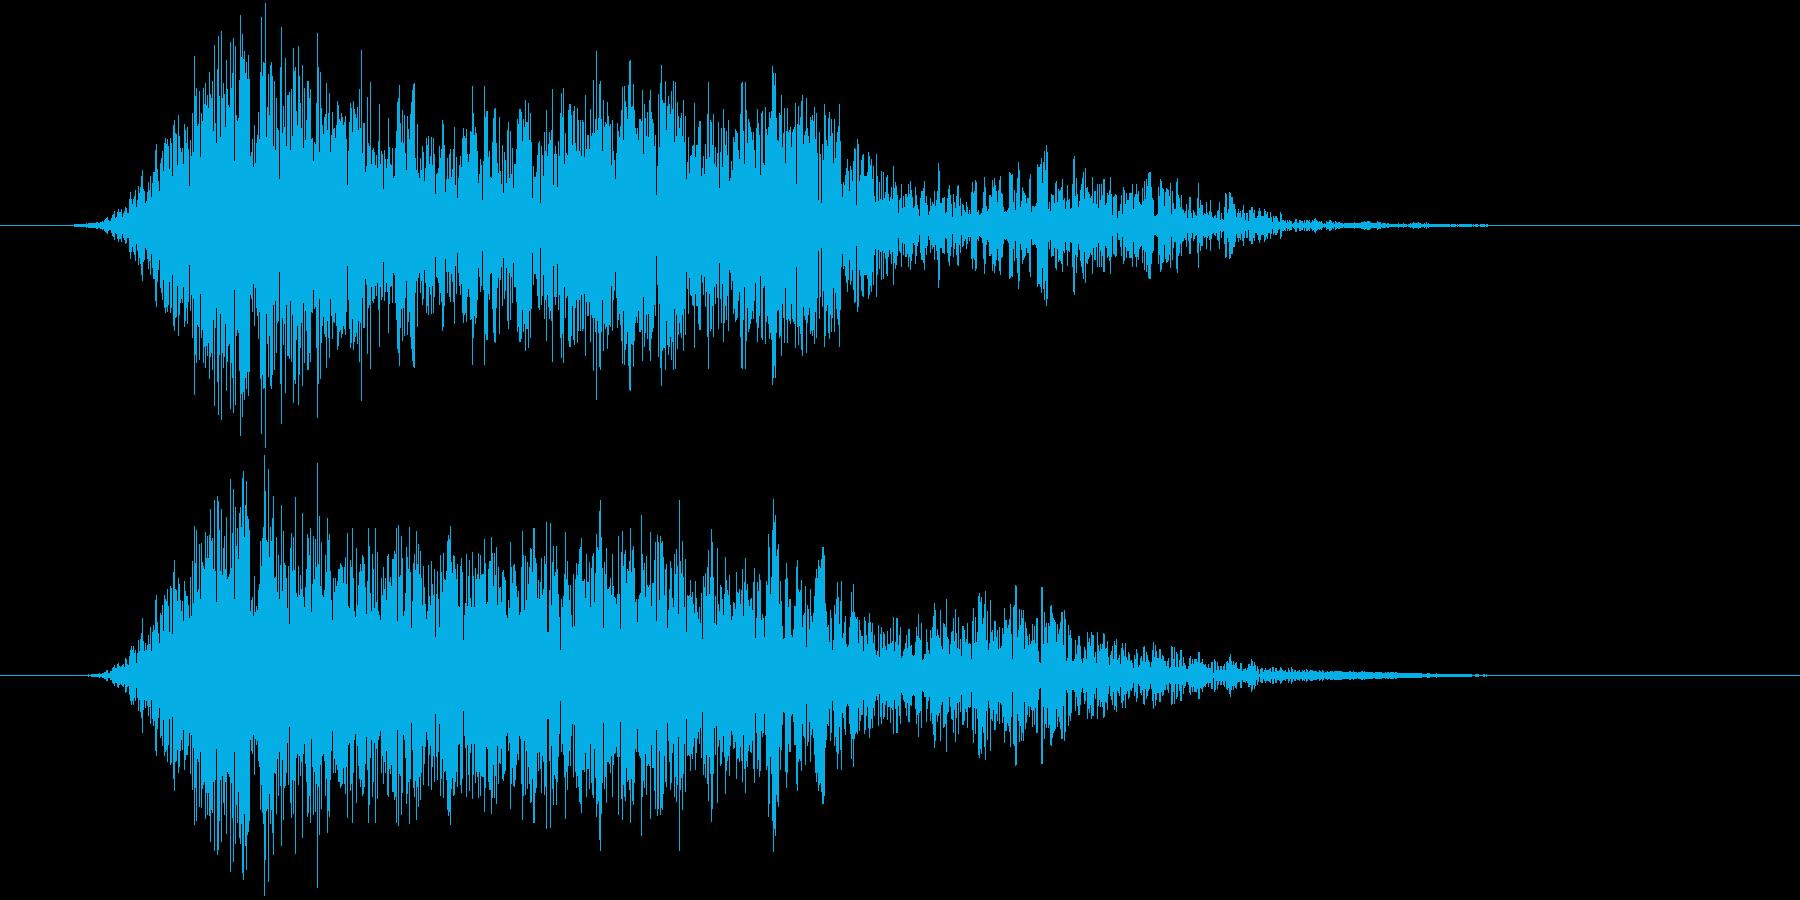 水中に勢いよく入るような音の再生済みの波形